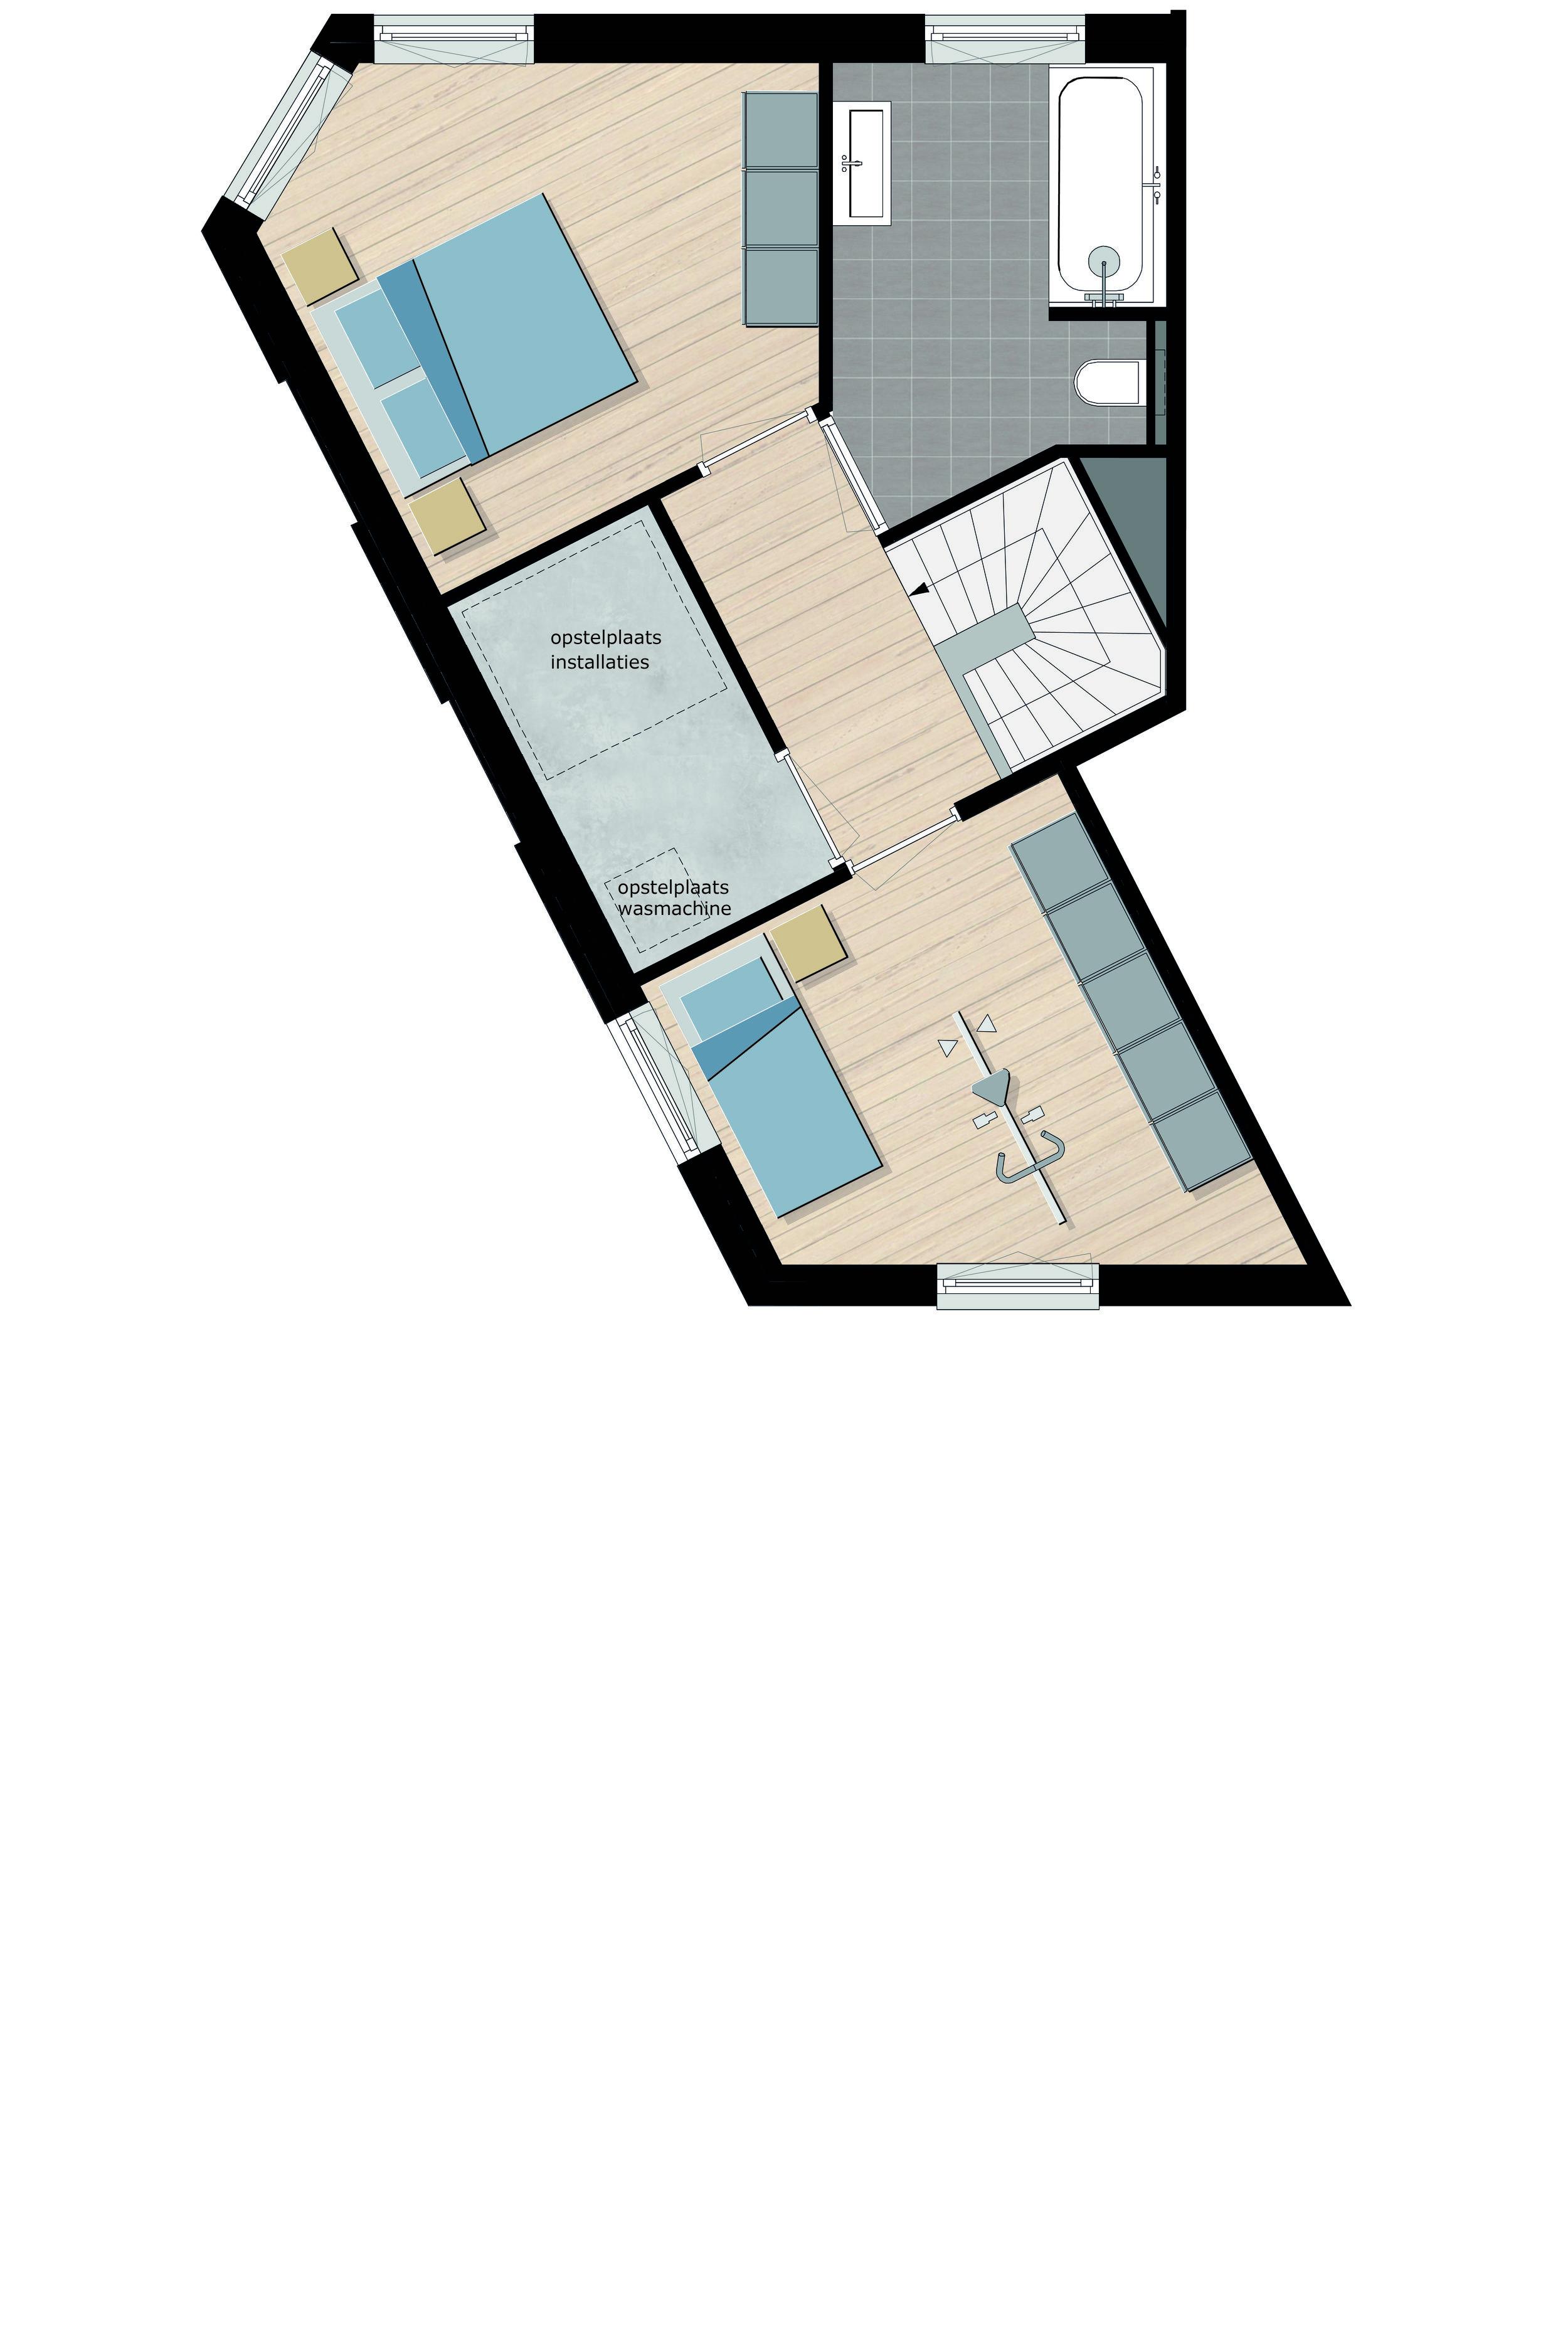 plattegrond -3.jpg